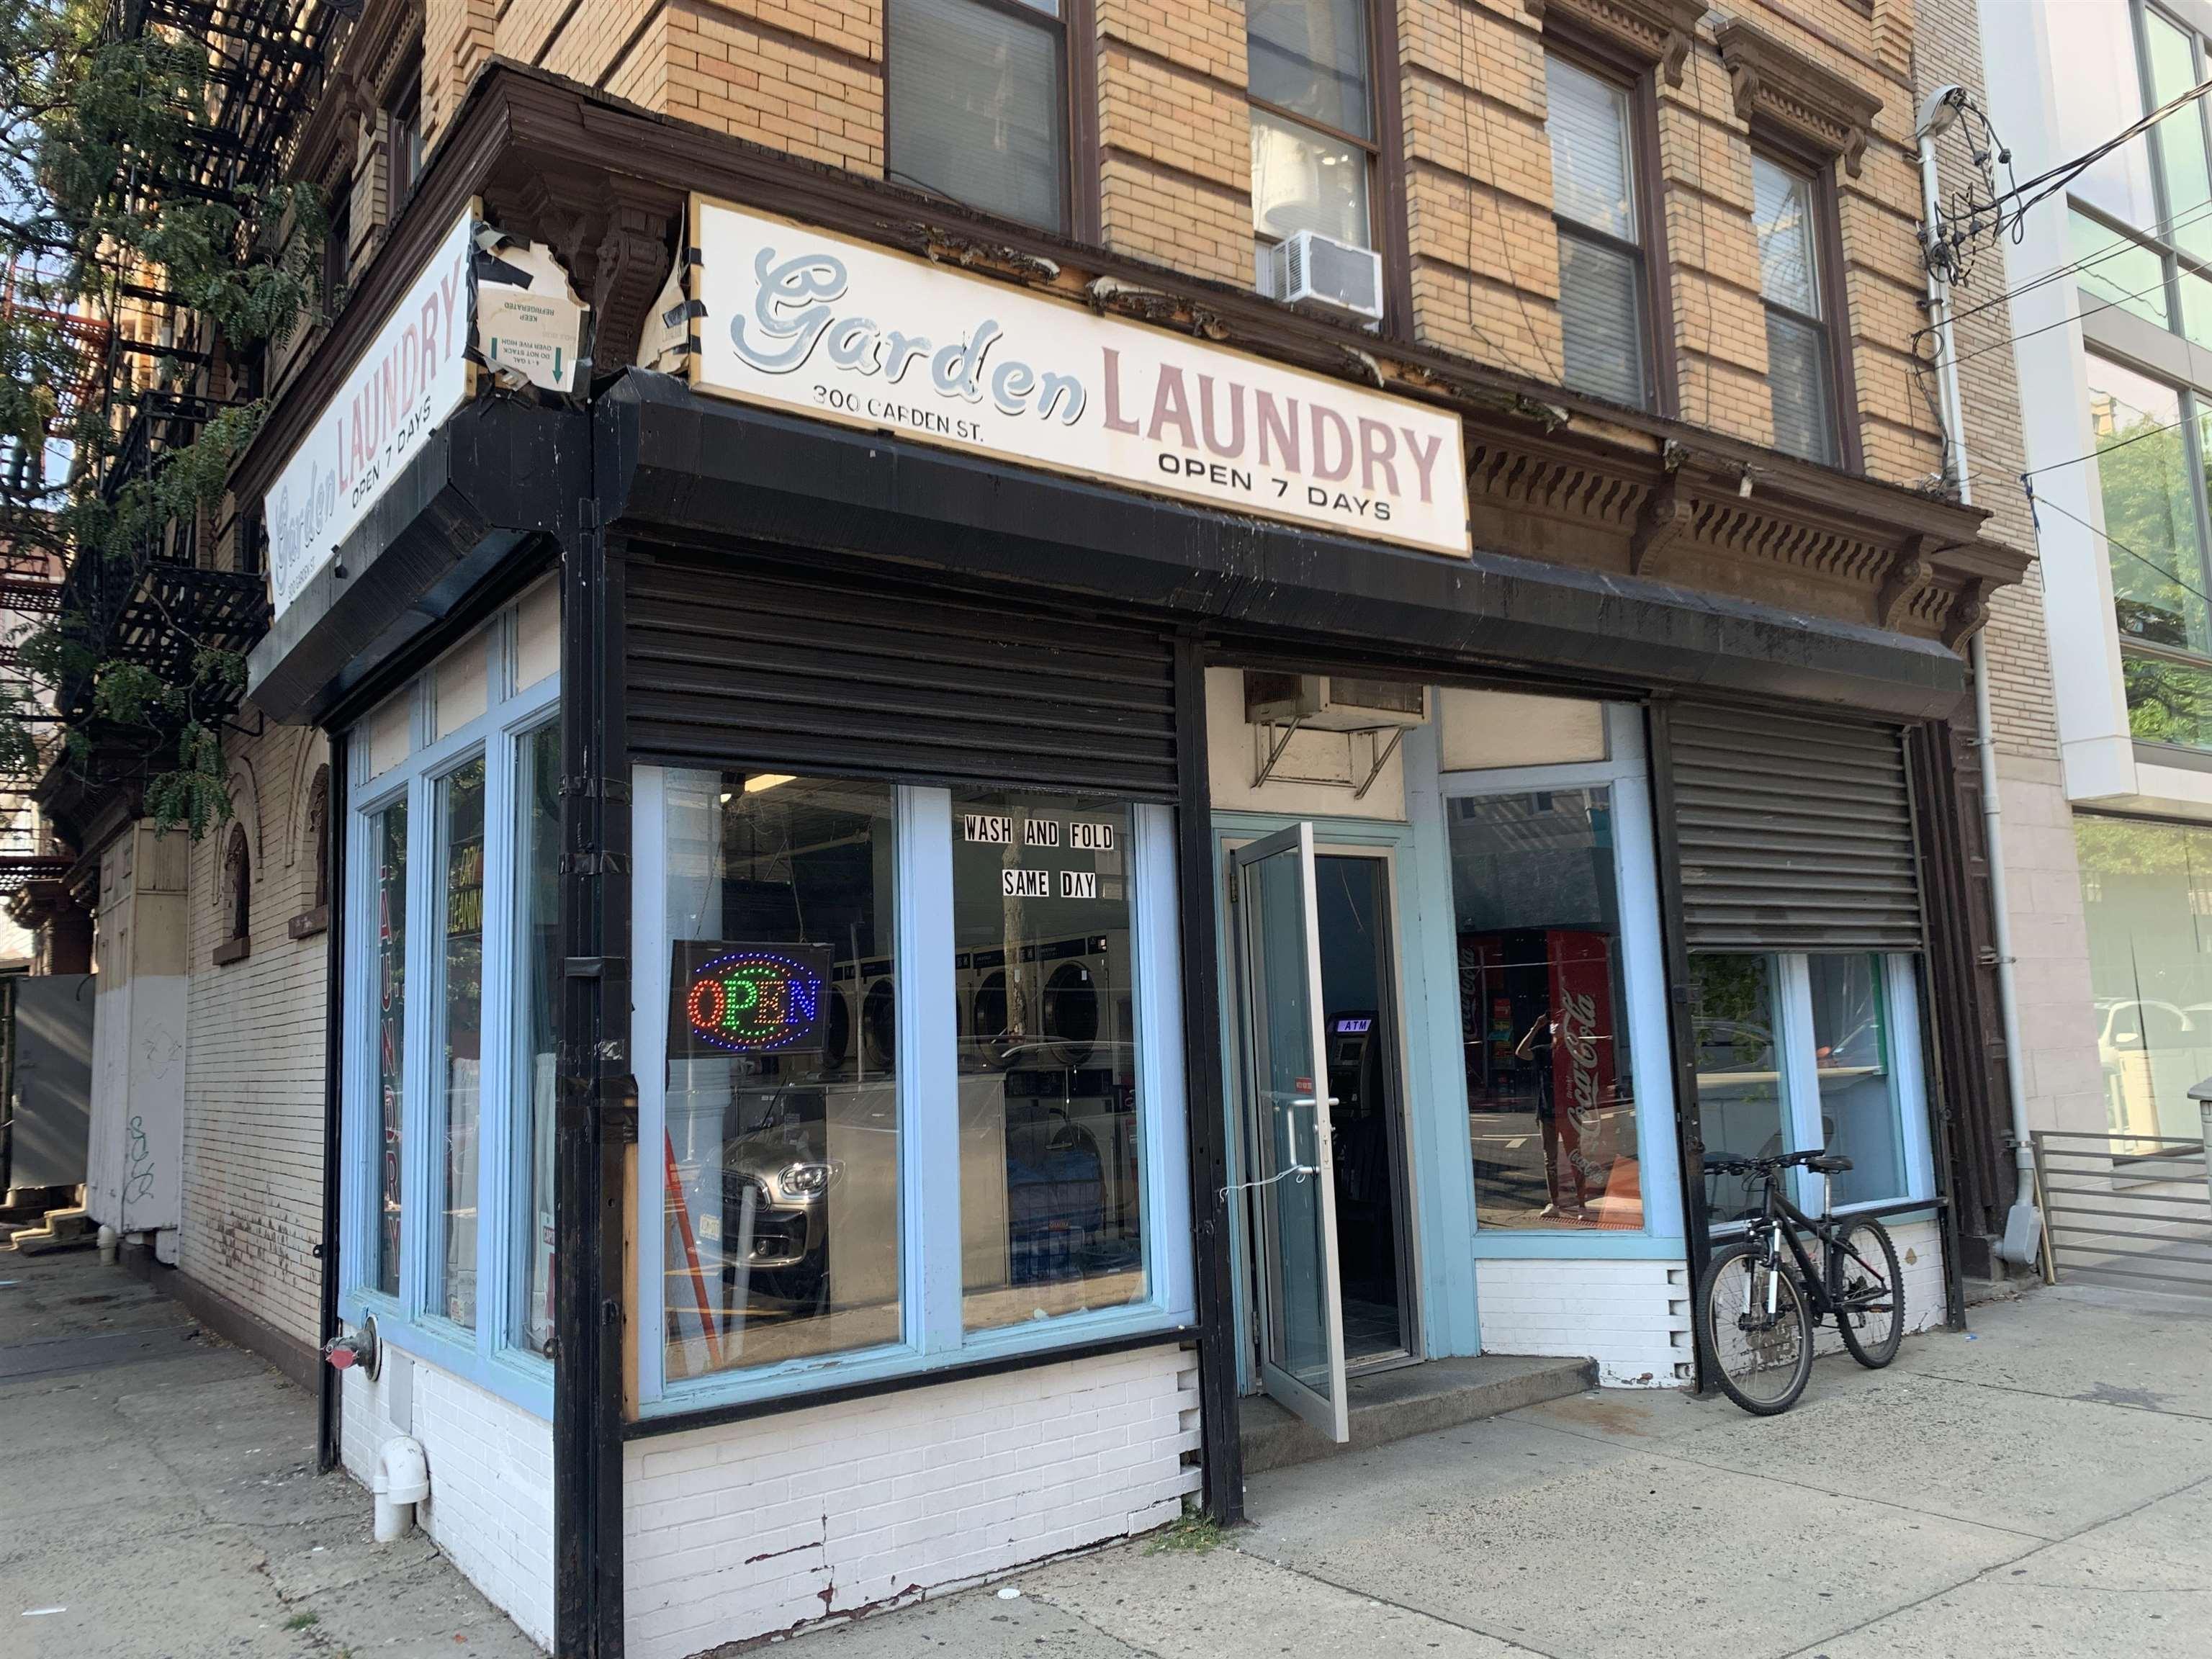 300 GARDEN ST, Hoboken, NJ 07030